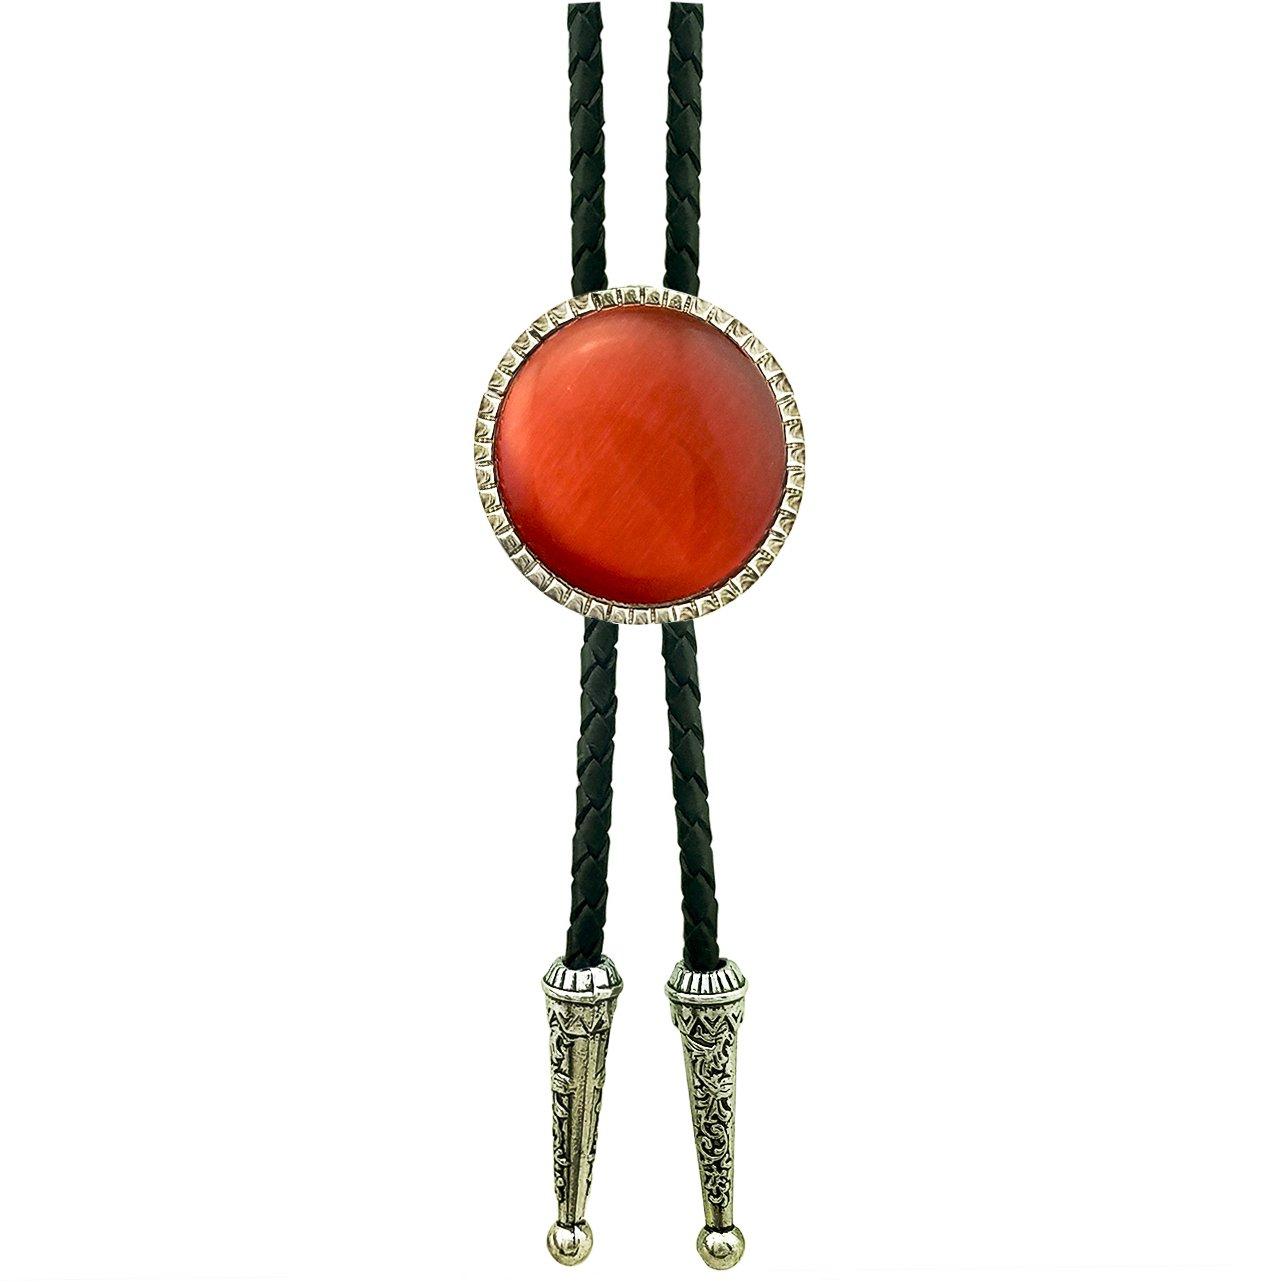 SELOVO Genunie Leather Round Orange Stone Silver Tone Bolo Tie Bolotie